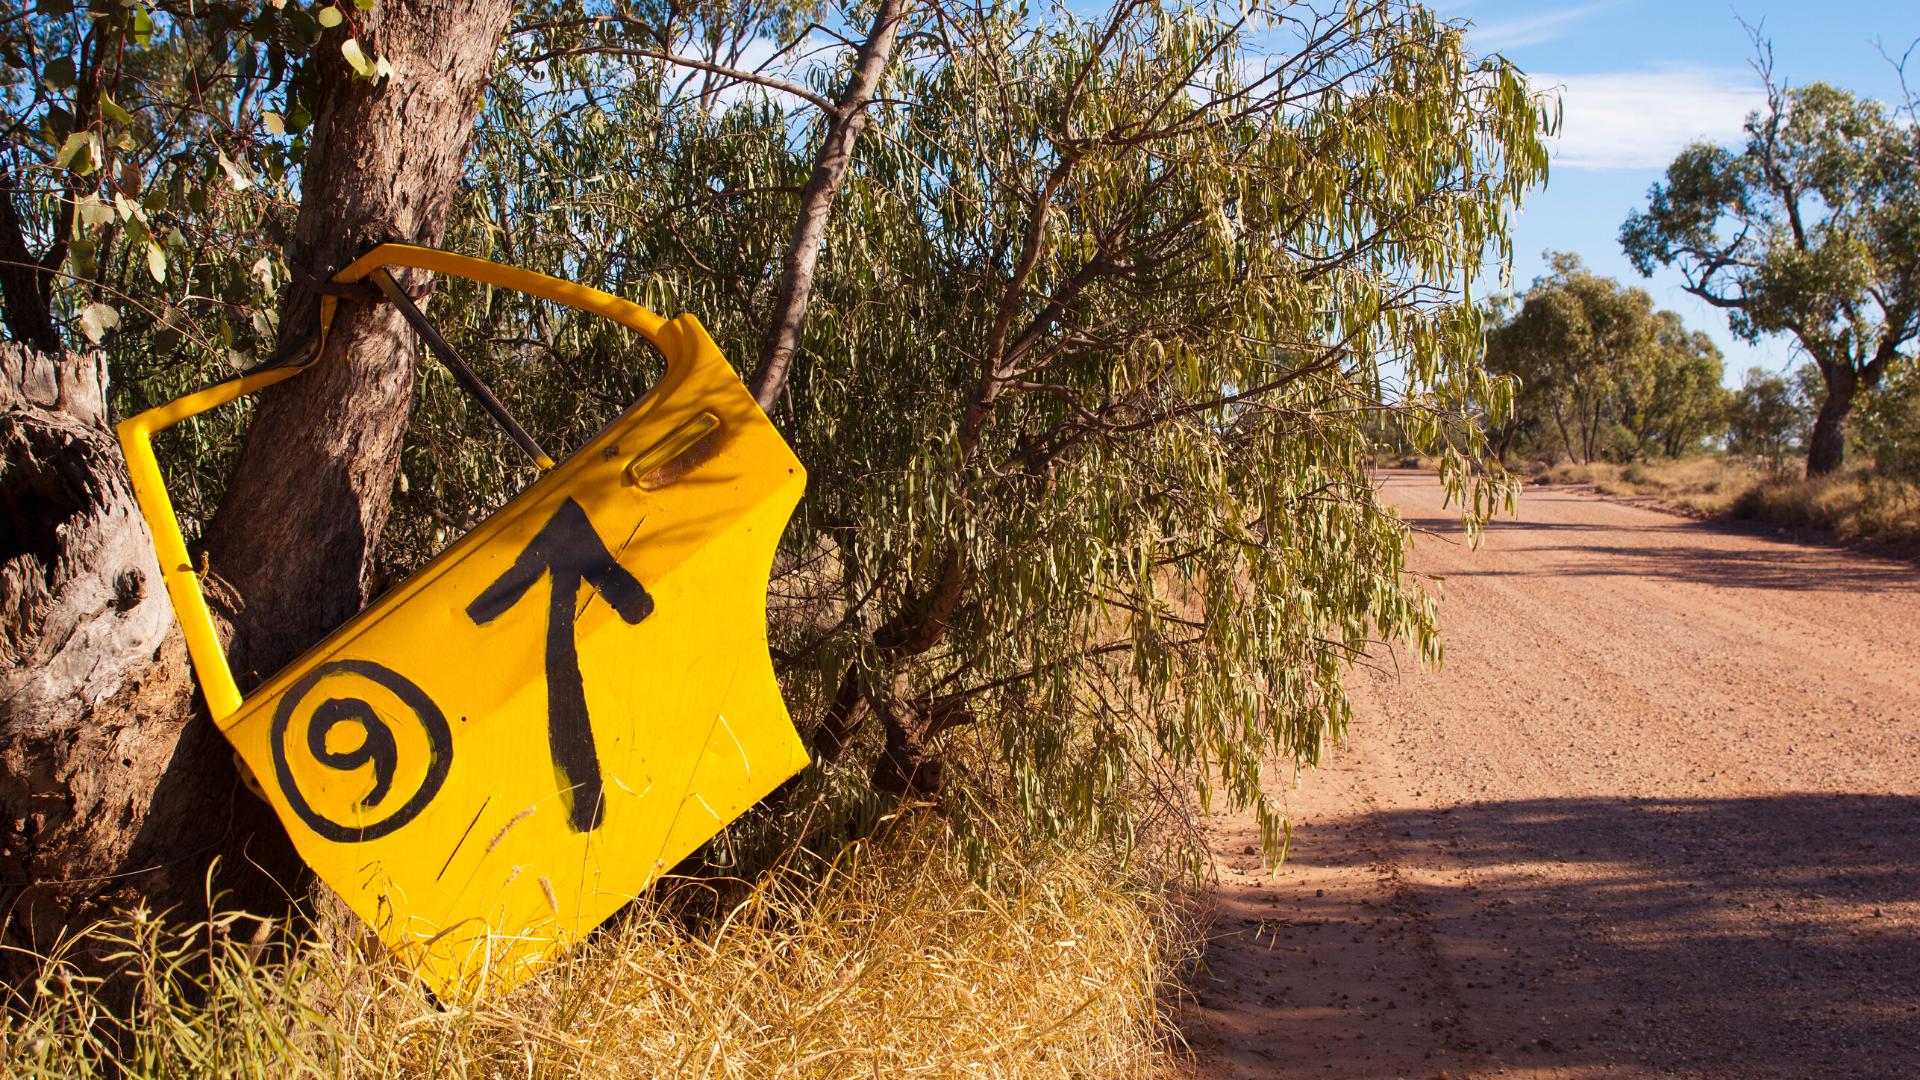 Australian roadside and car door on branch.